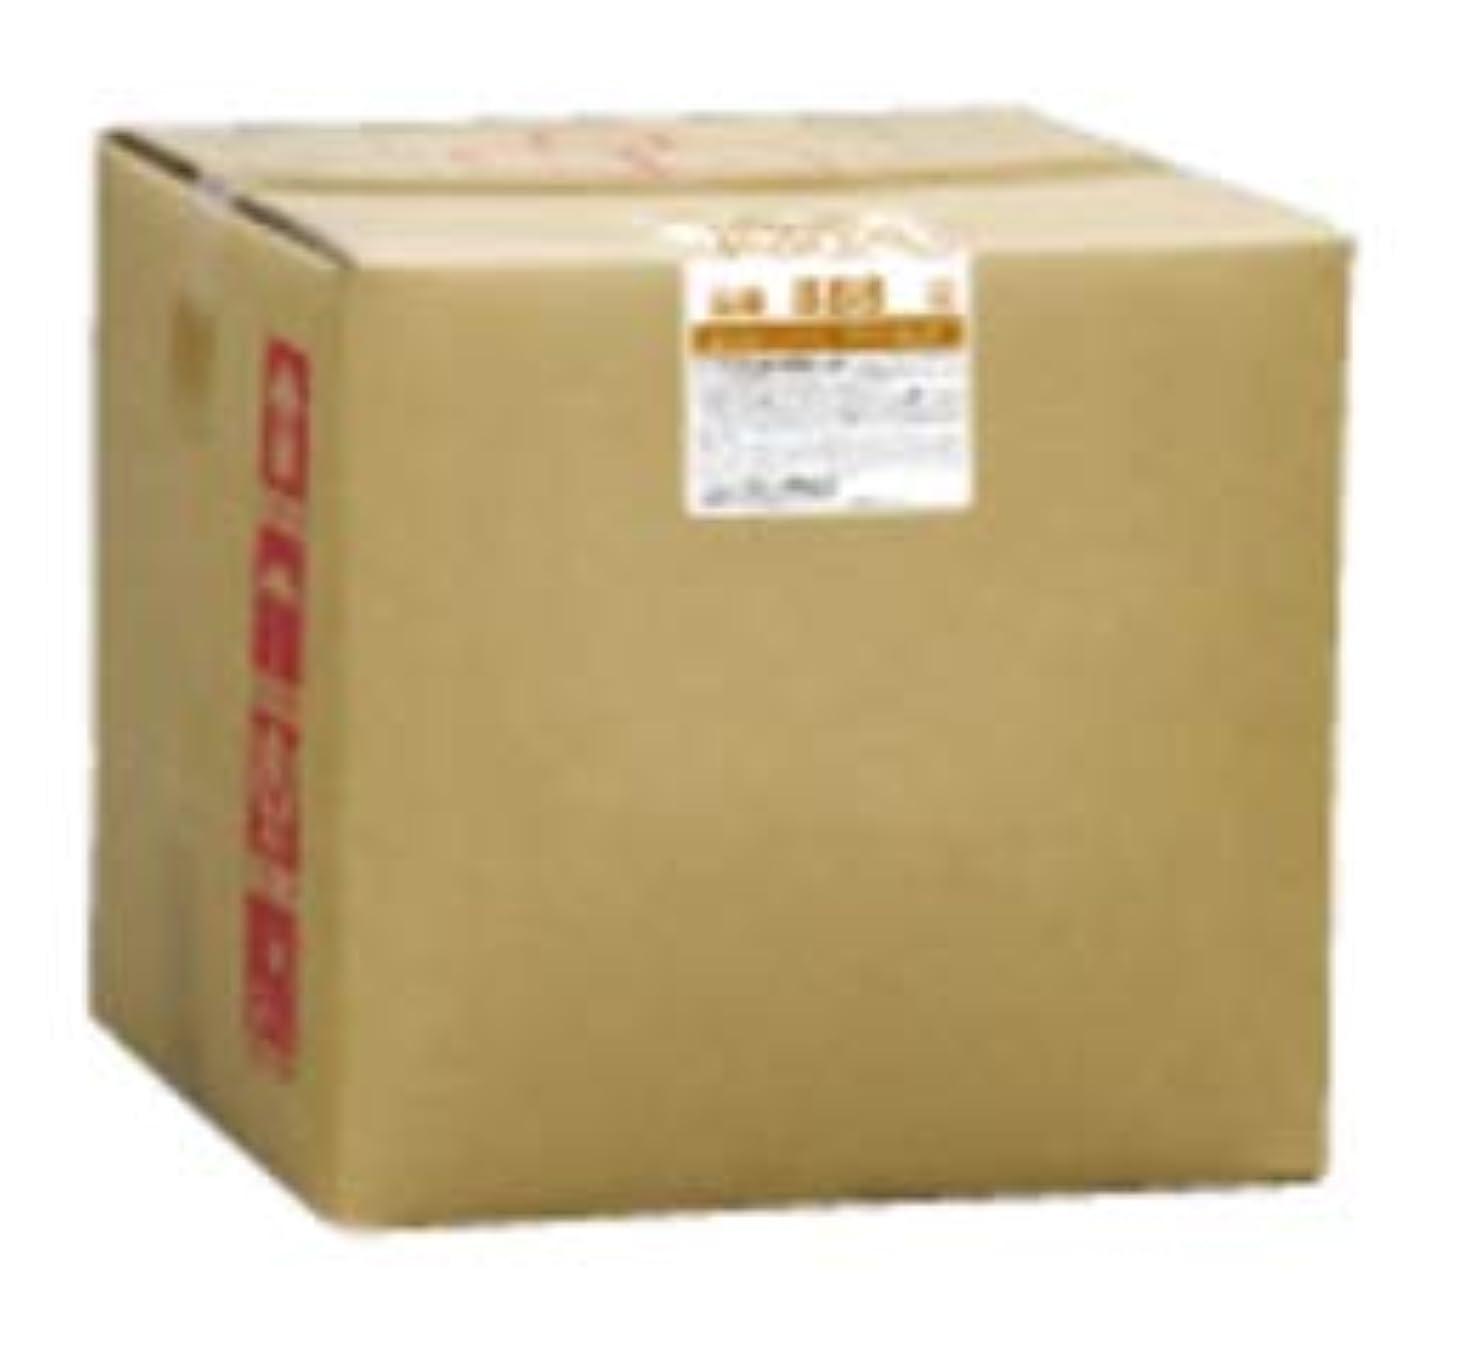 バーマドカセット貸すフタバ化学 スパジアス ボディソープ 18L 詰め替え 800ml専用空容器付 黒糖と蜂蜜